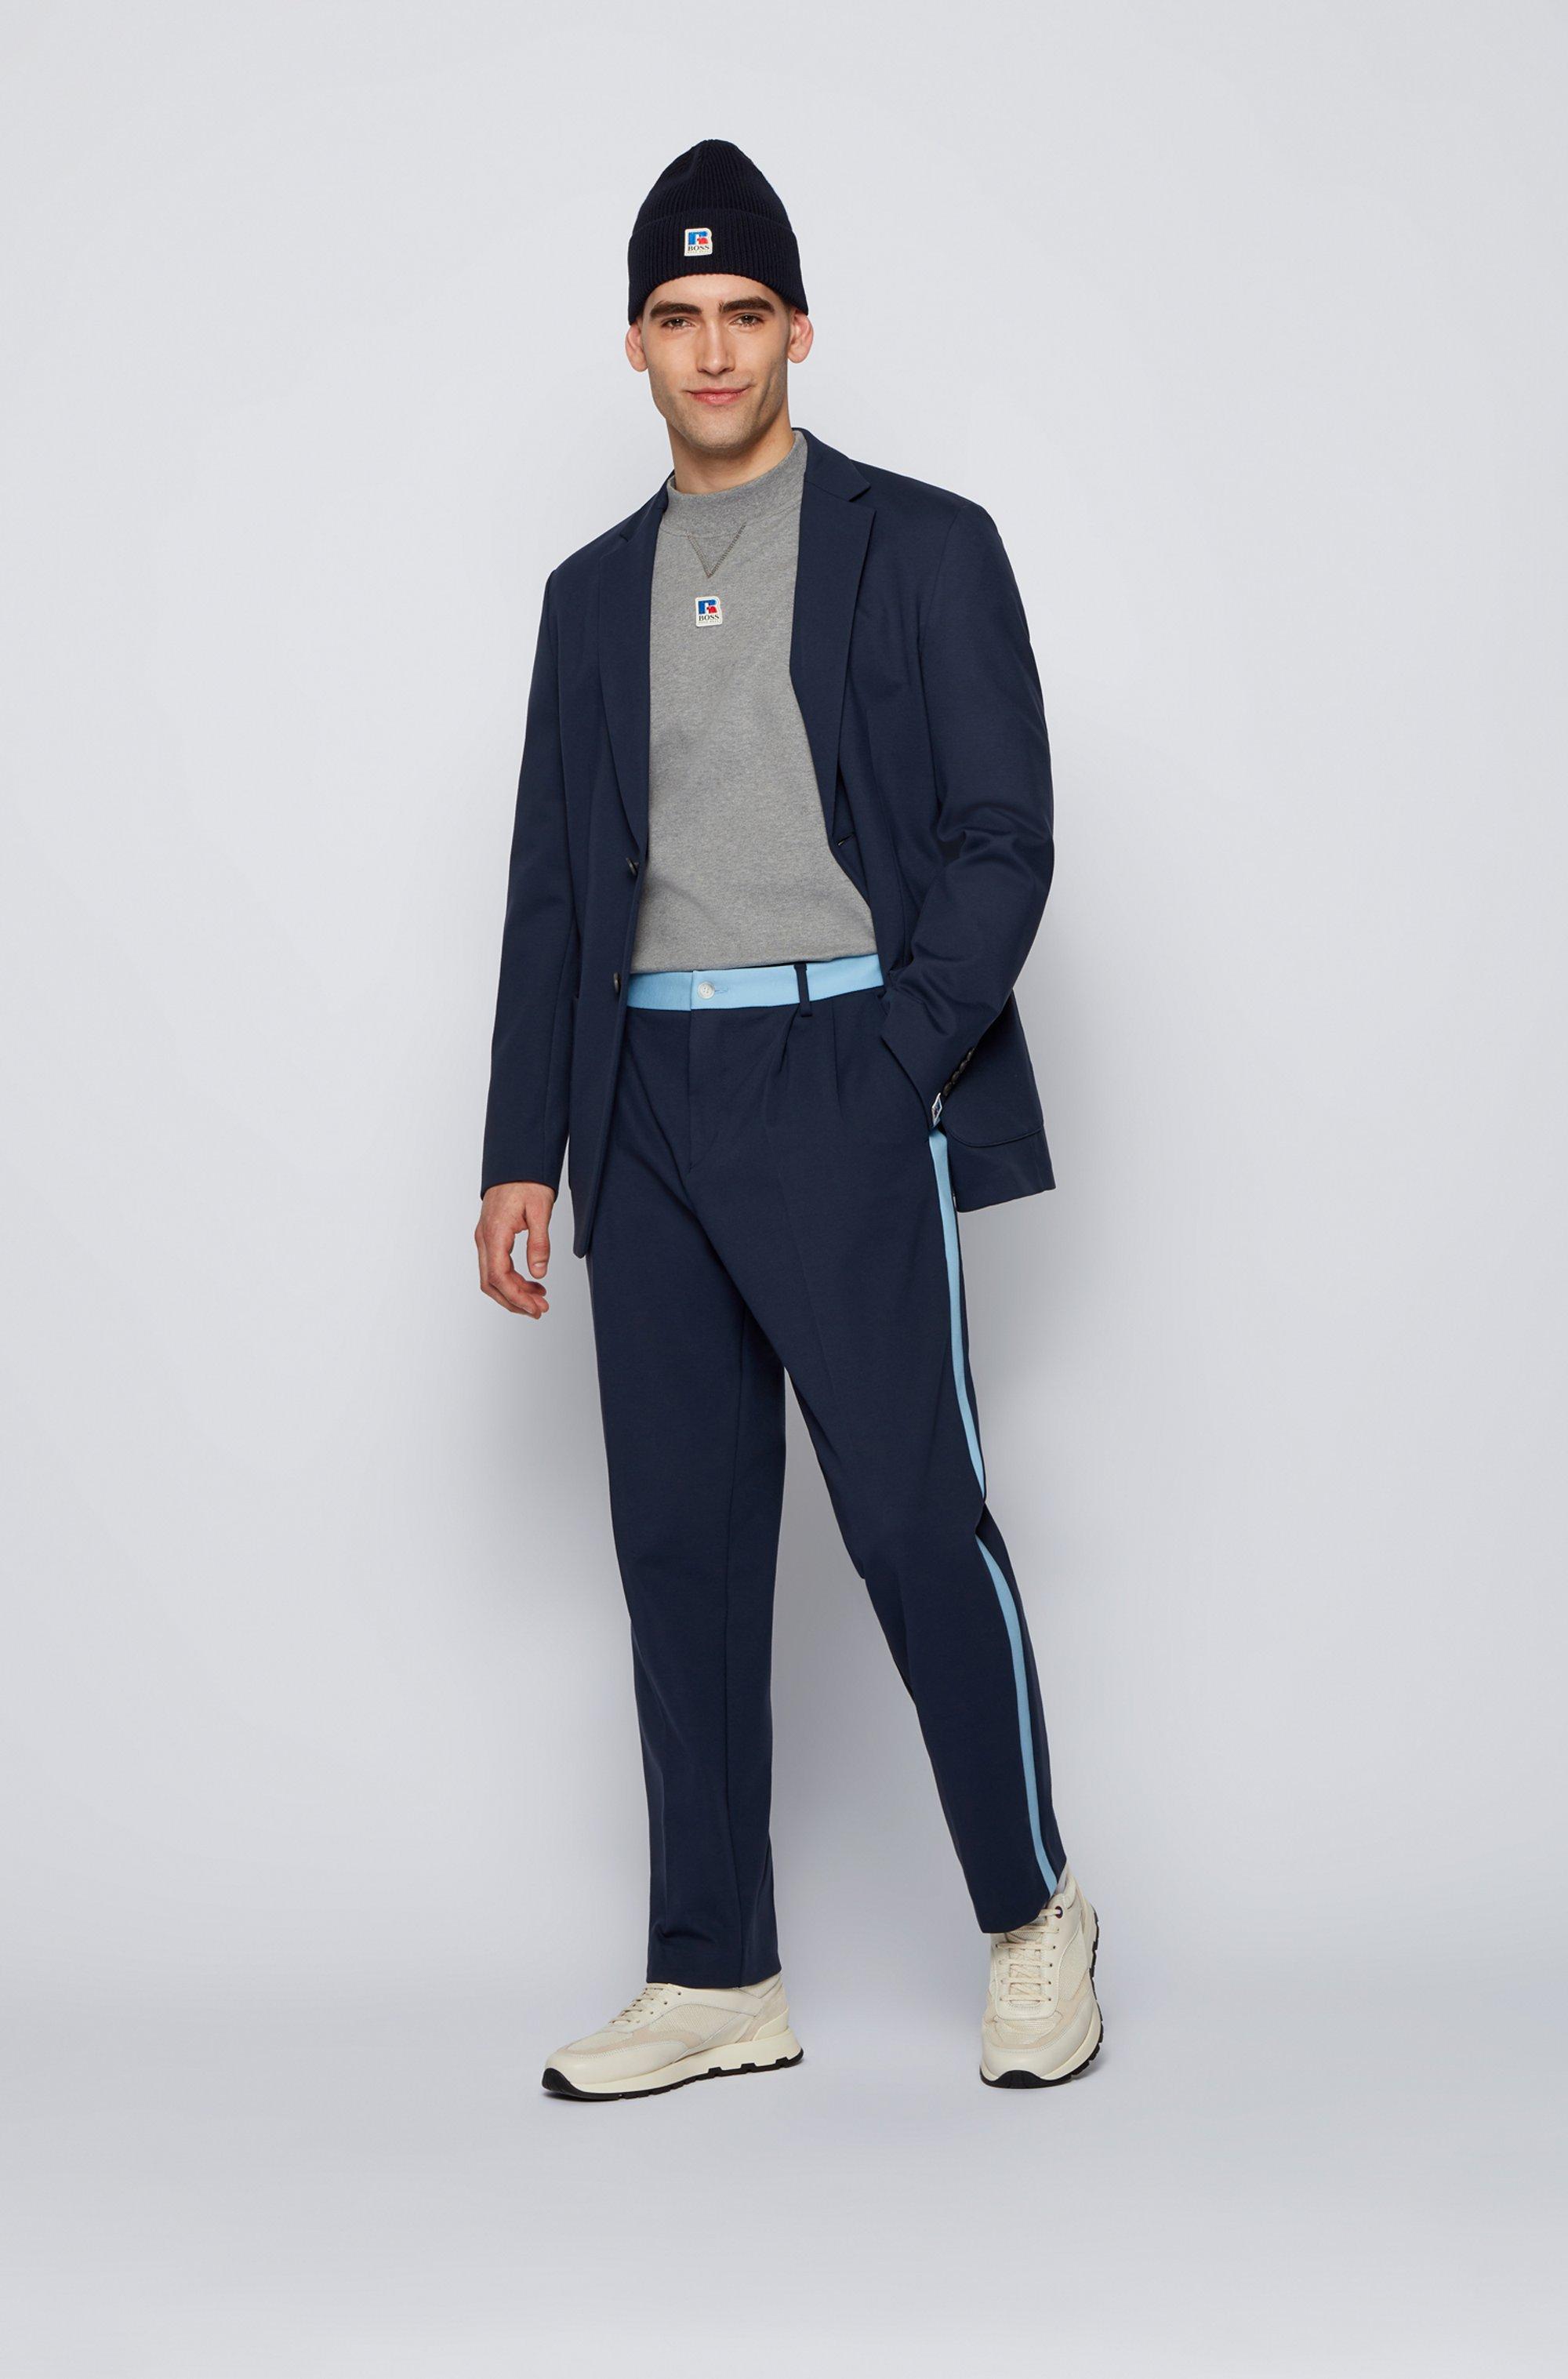 Pantalones tapered fit con ribete en contraste y logo exclusivo